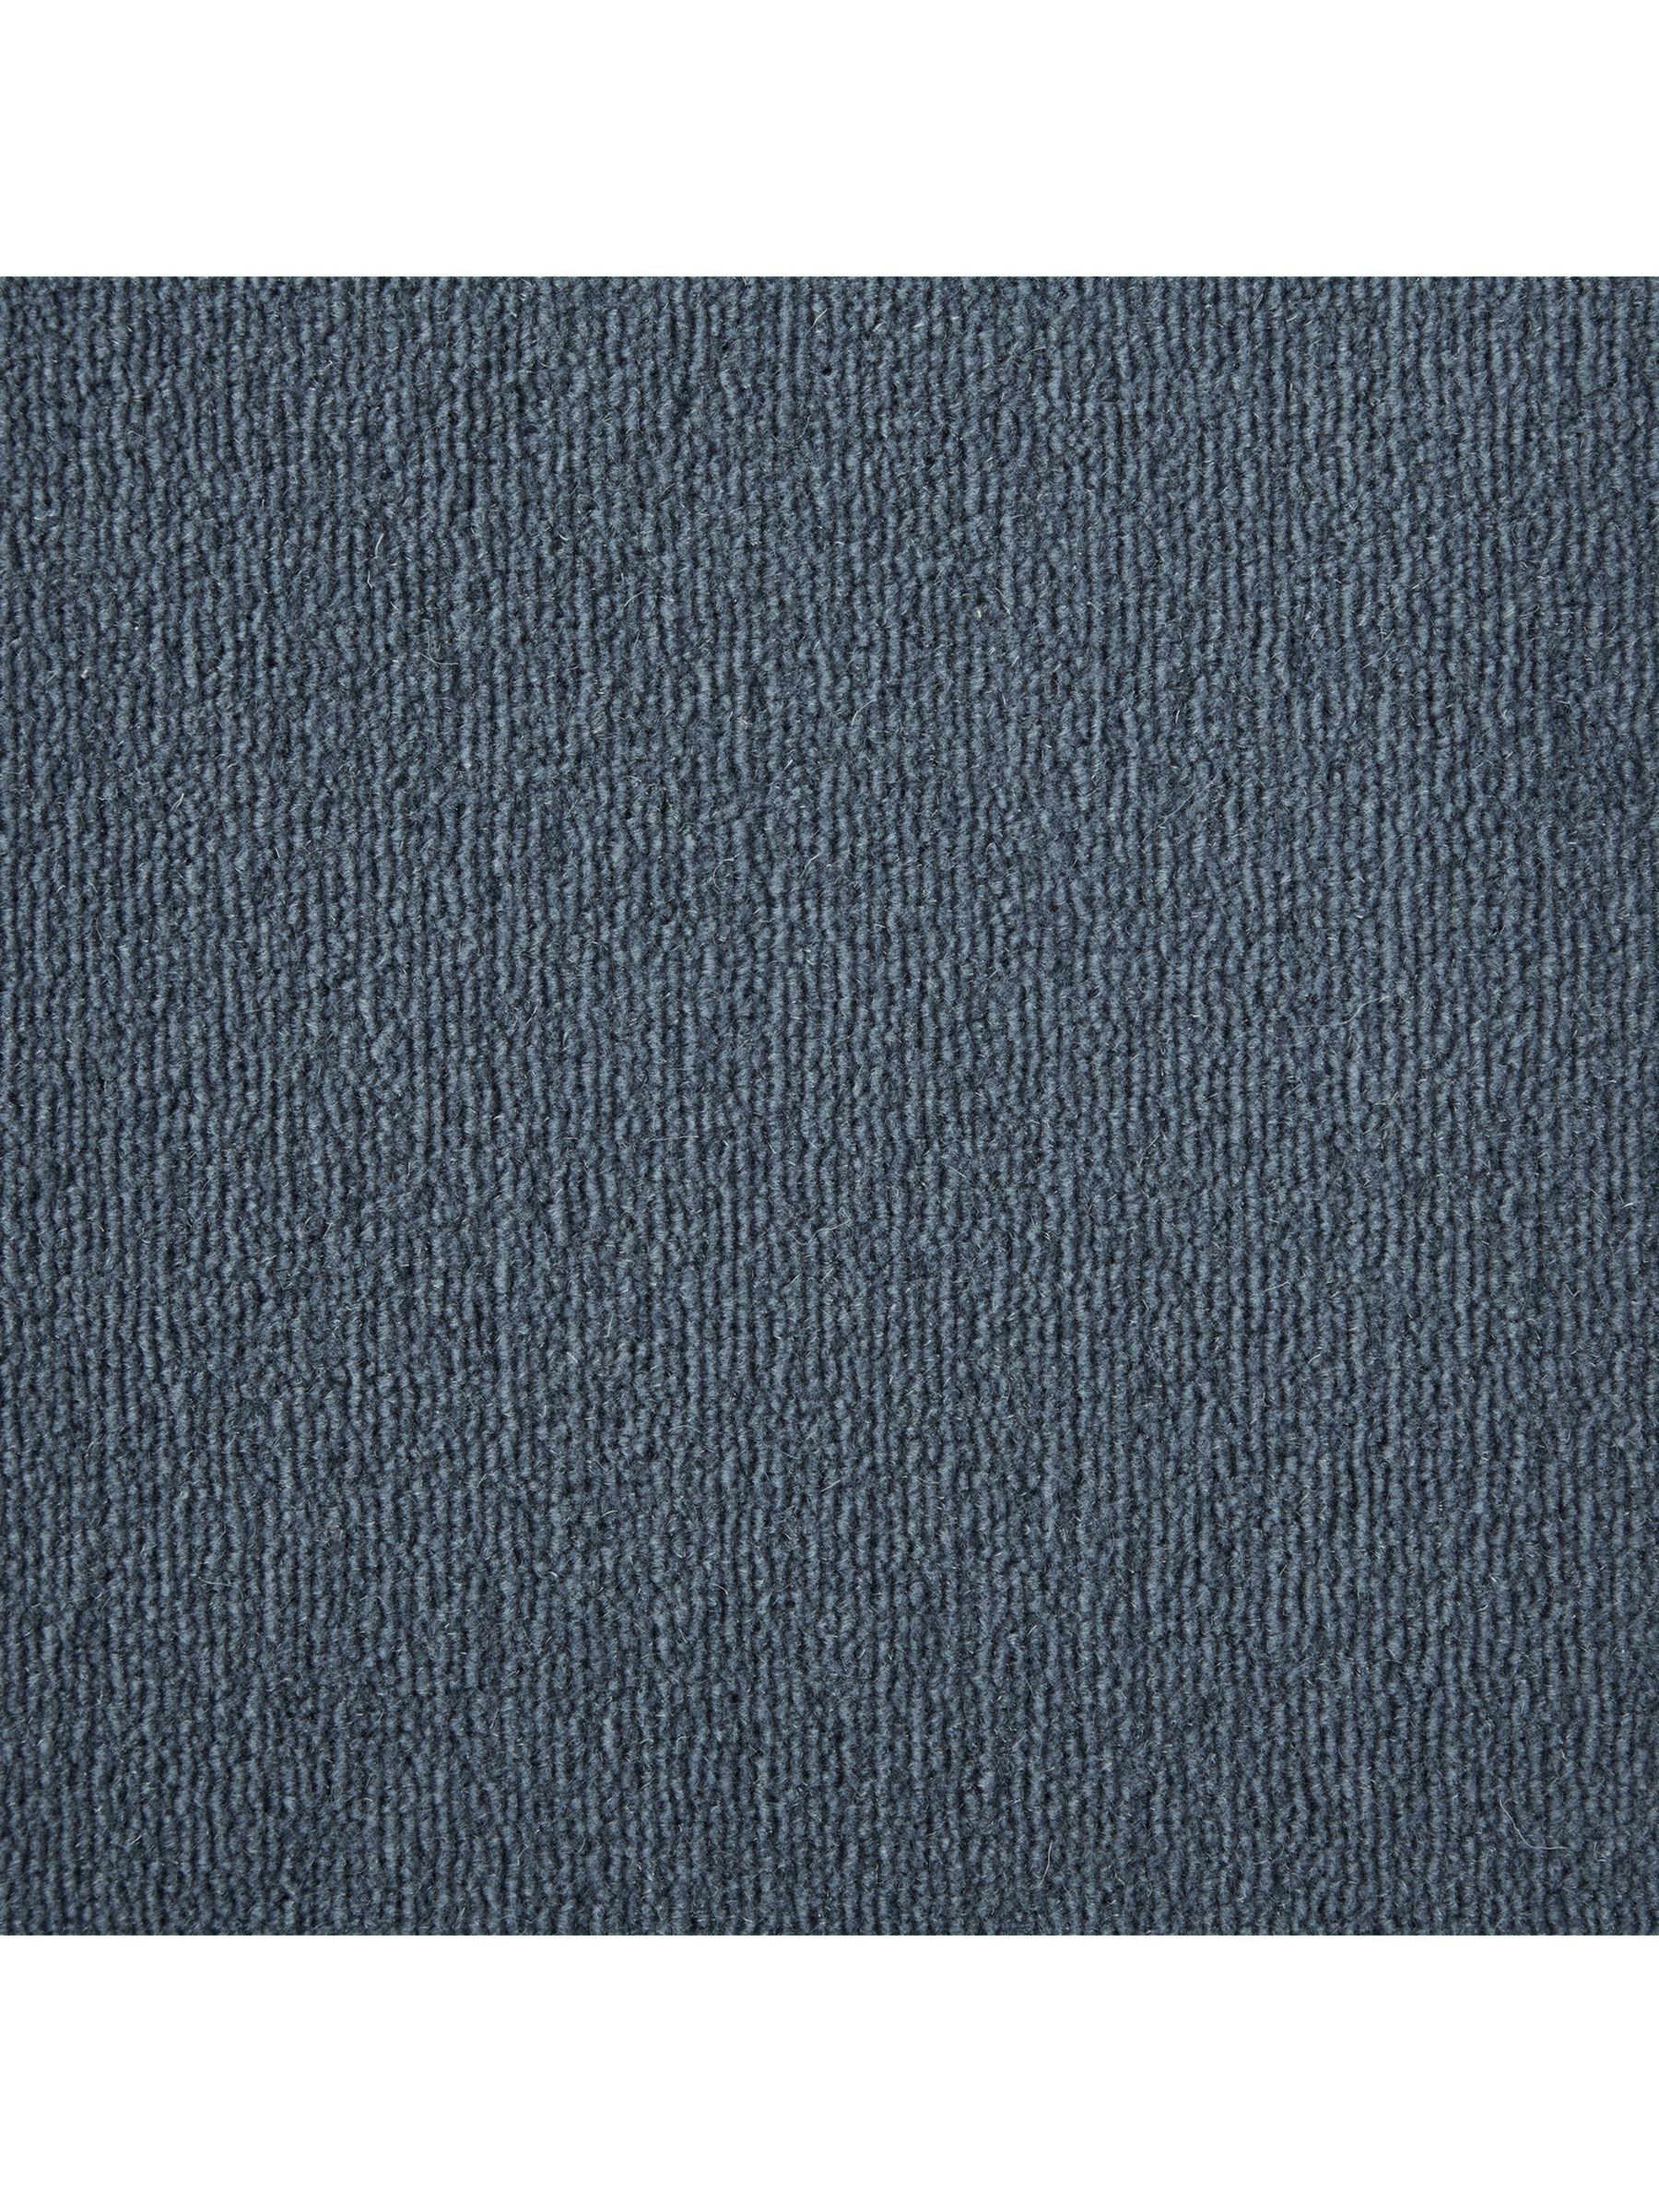 Westex Westend Velvet Carpet Tornado Velvet Carpet Cost Of Carpet Carpet Fitting